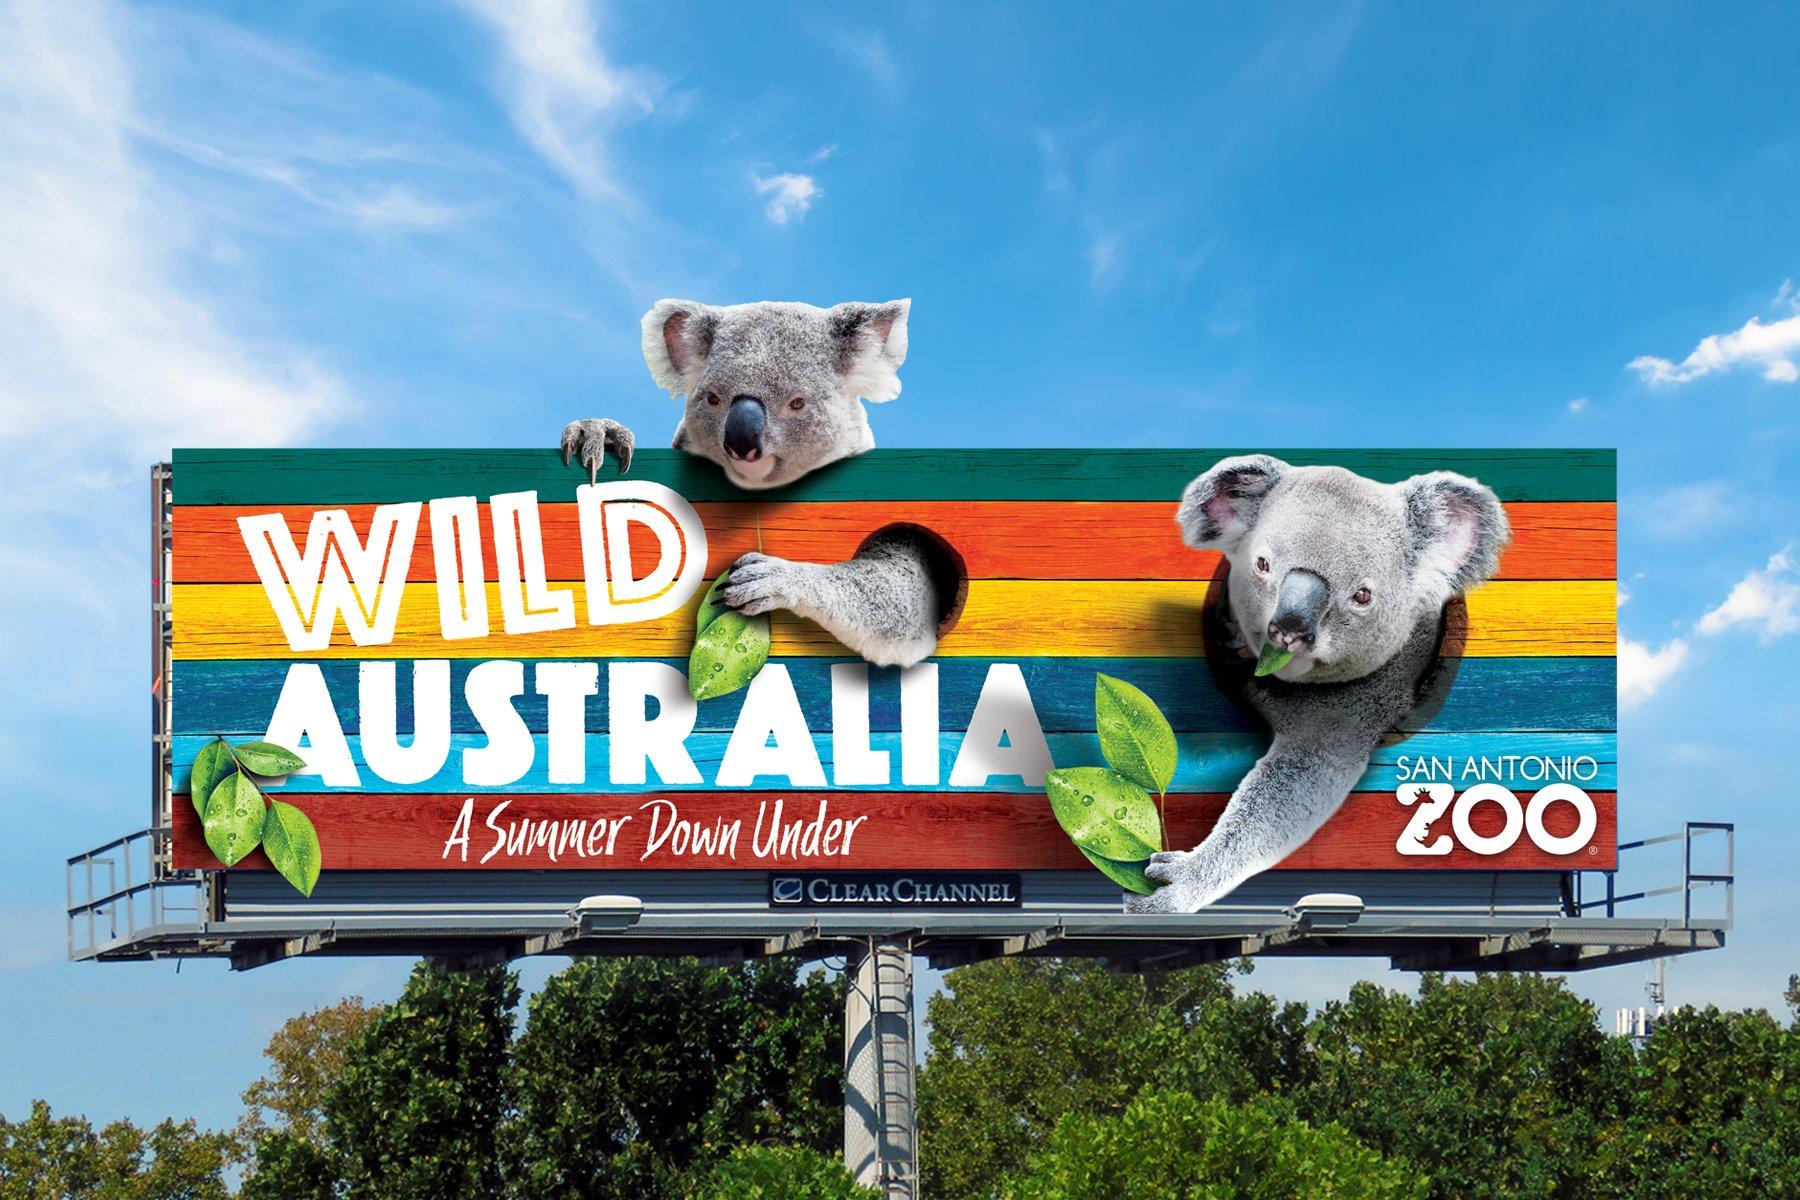 San Antonio Zoo - Wild Australia